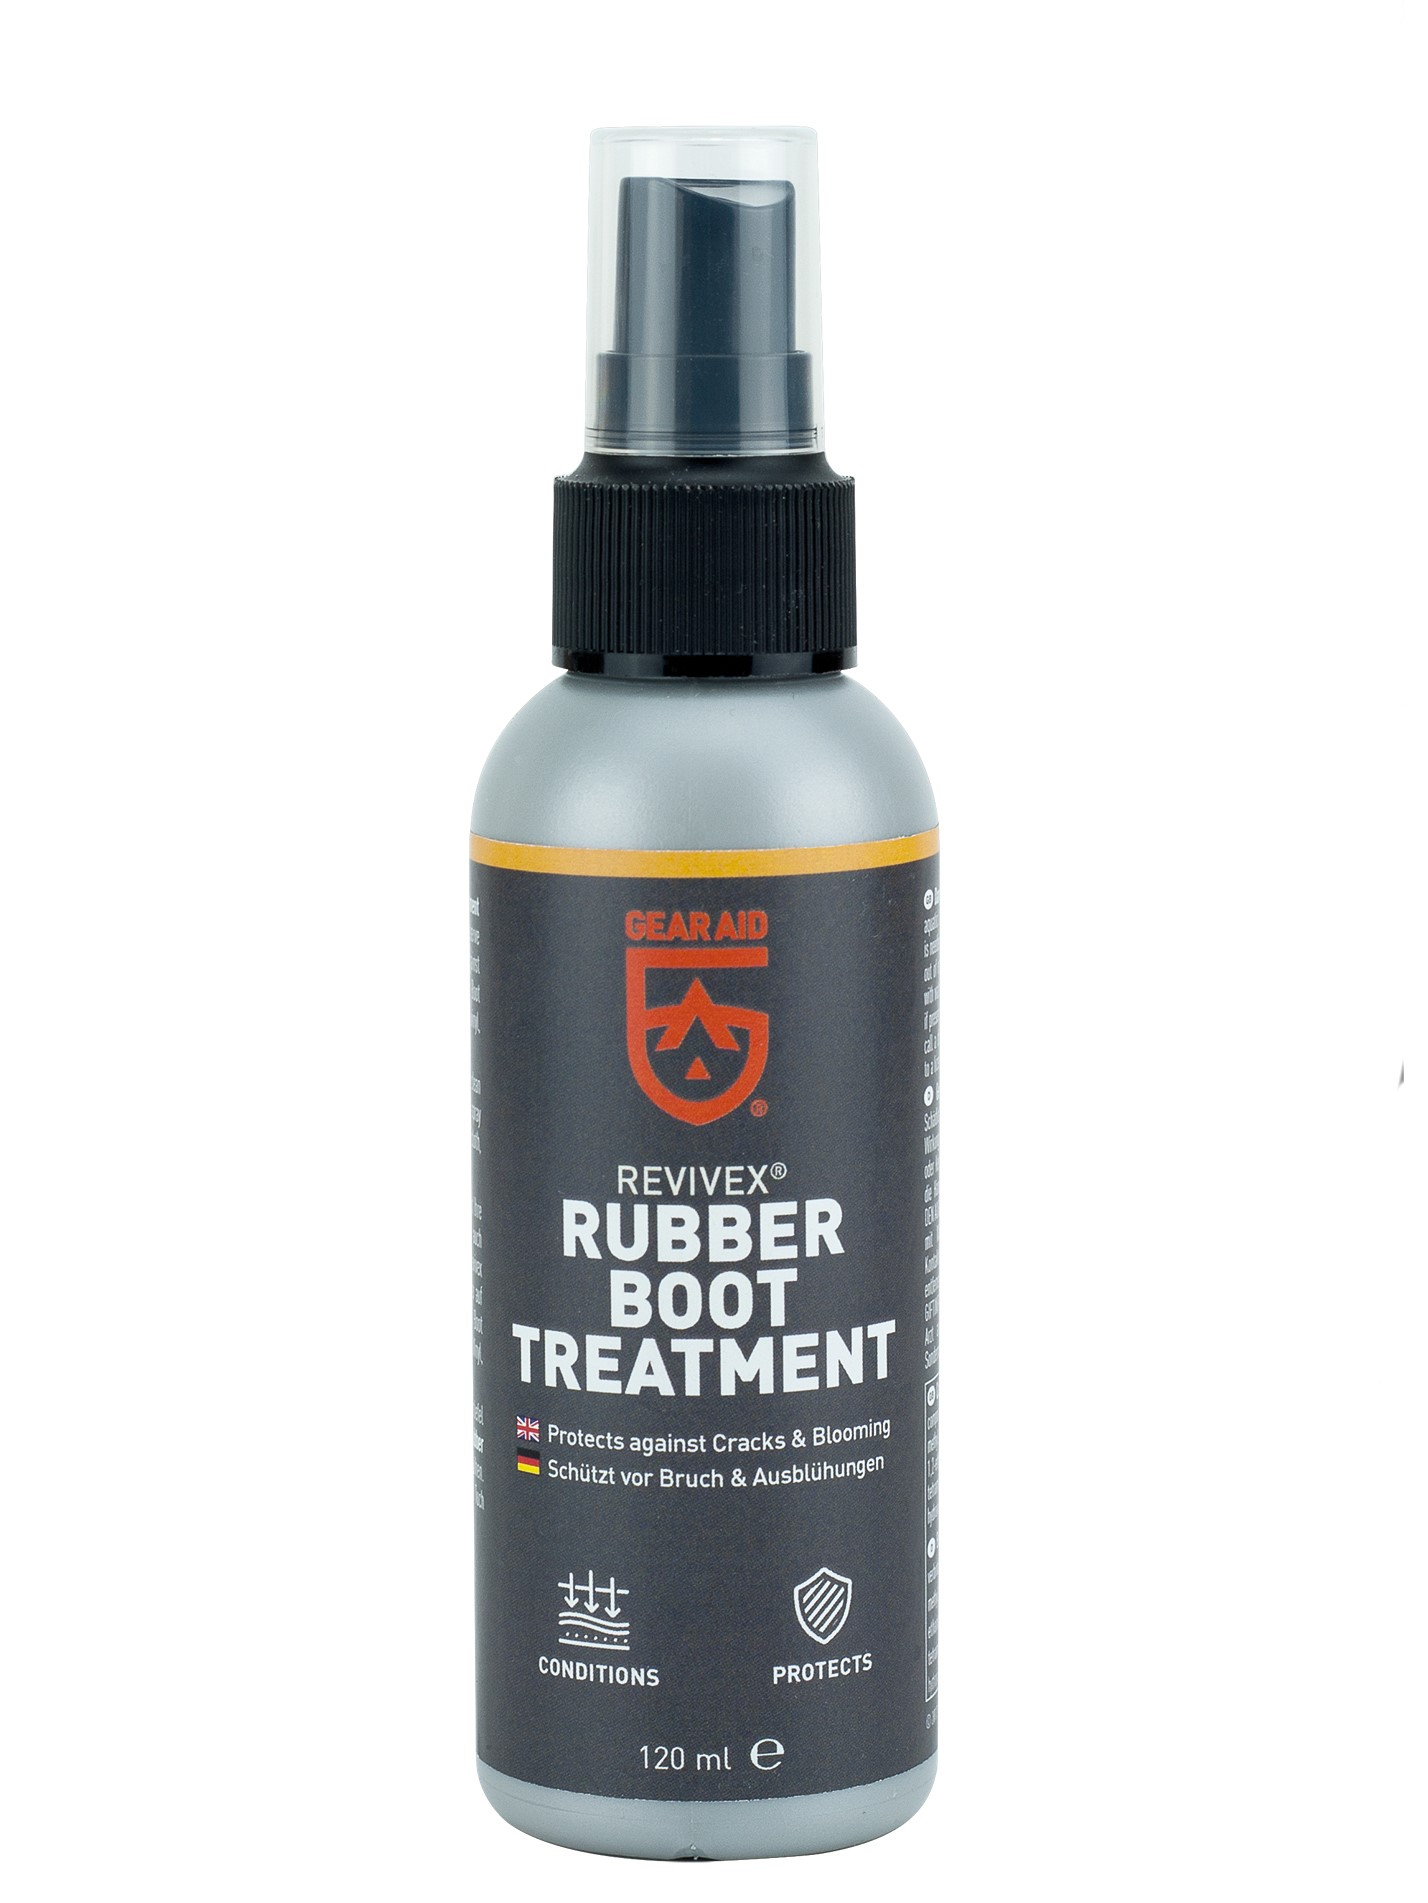 GearAid Rubber Boot Treatment